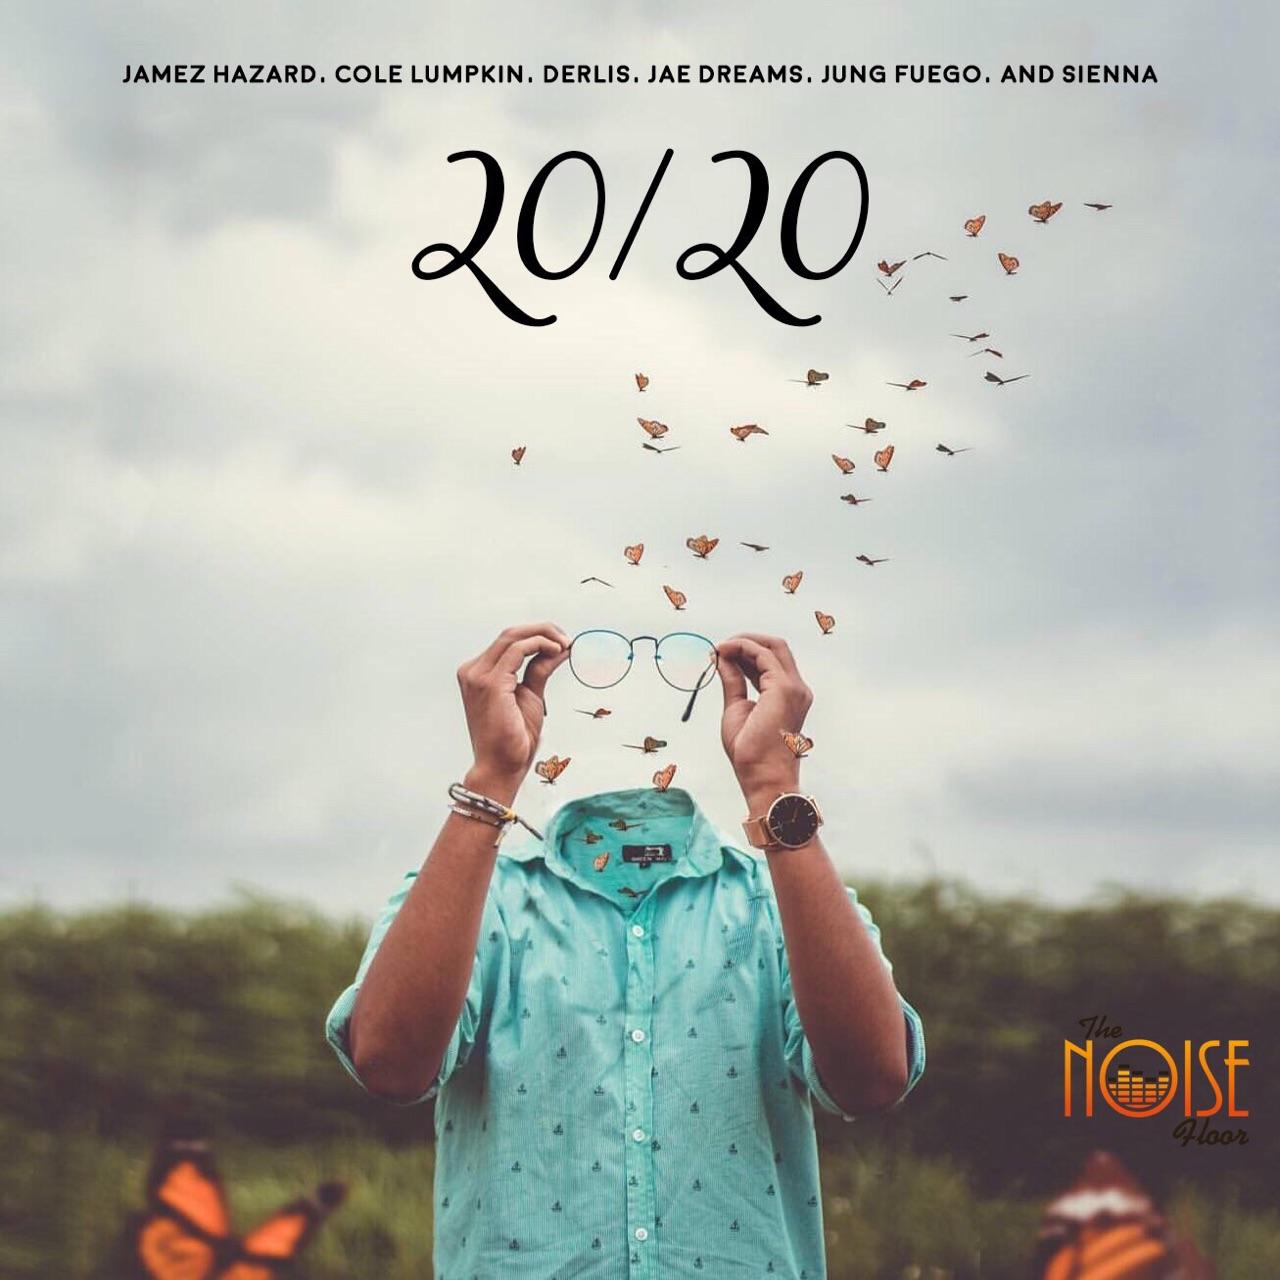 The Noise Floor Studios presents:20/20withJung Fuego,Jae Dreams,Jamez Hazard,Derlis,Sienna Sears - CLICK TO STREAM